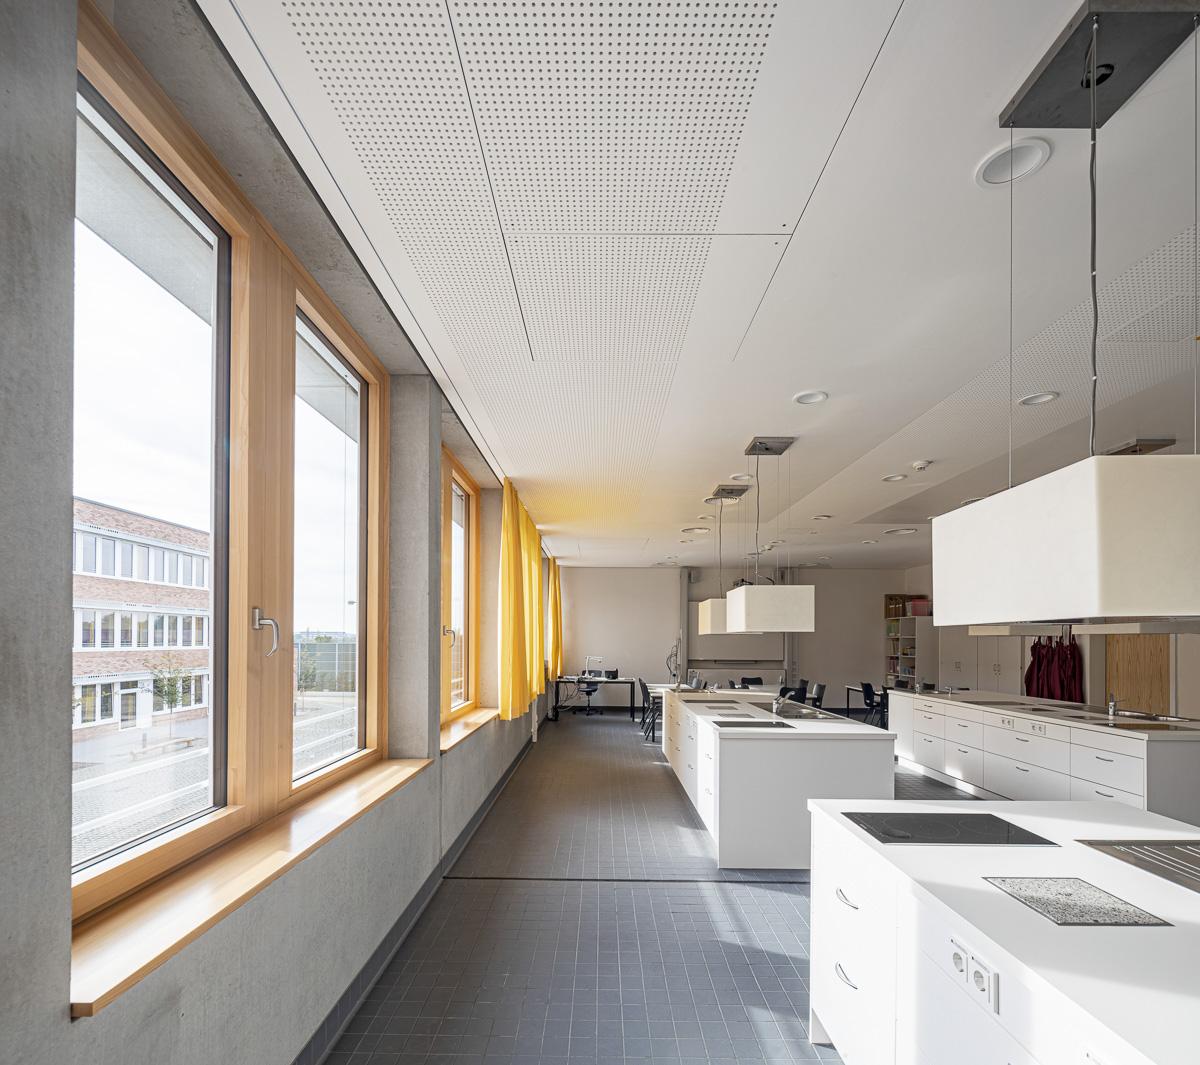 Küche Hauswirtschaft Klassenzimmer - Architekturfotografie von Johann-Pachelbel-Realschule in Nürnberg, Architekturfotograf Ken Wagner